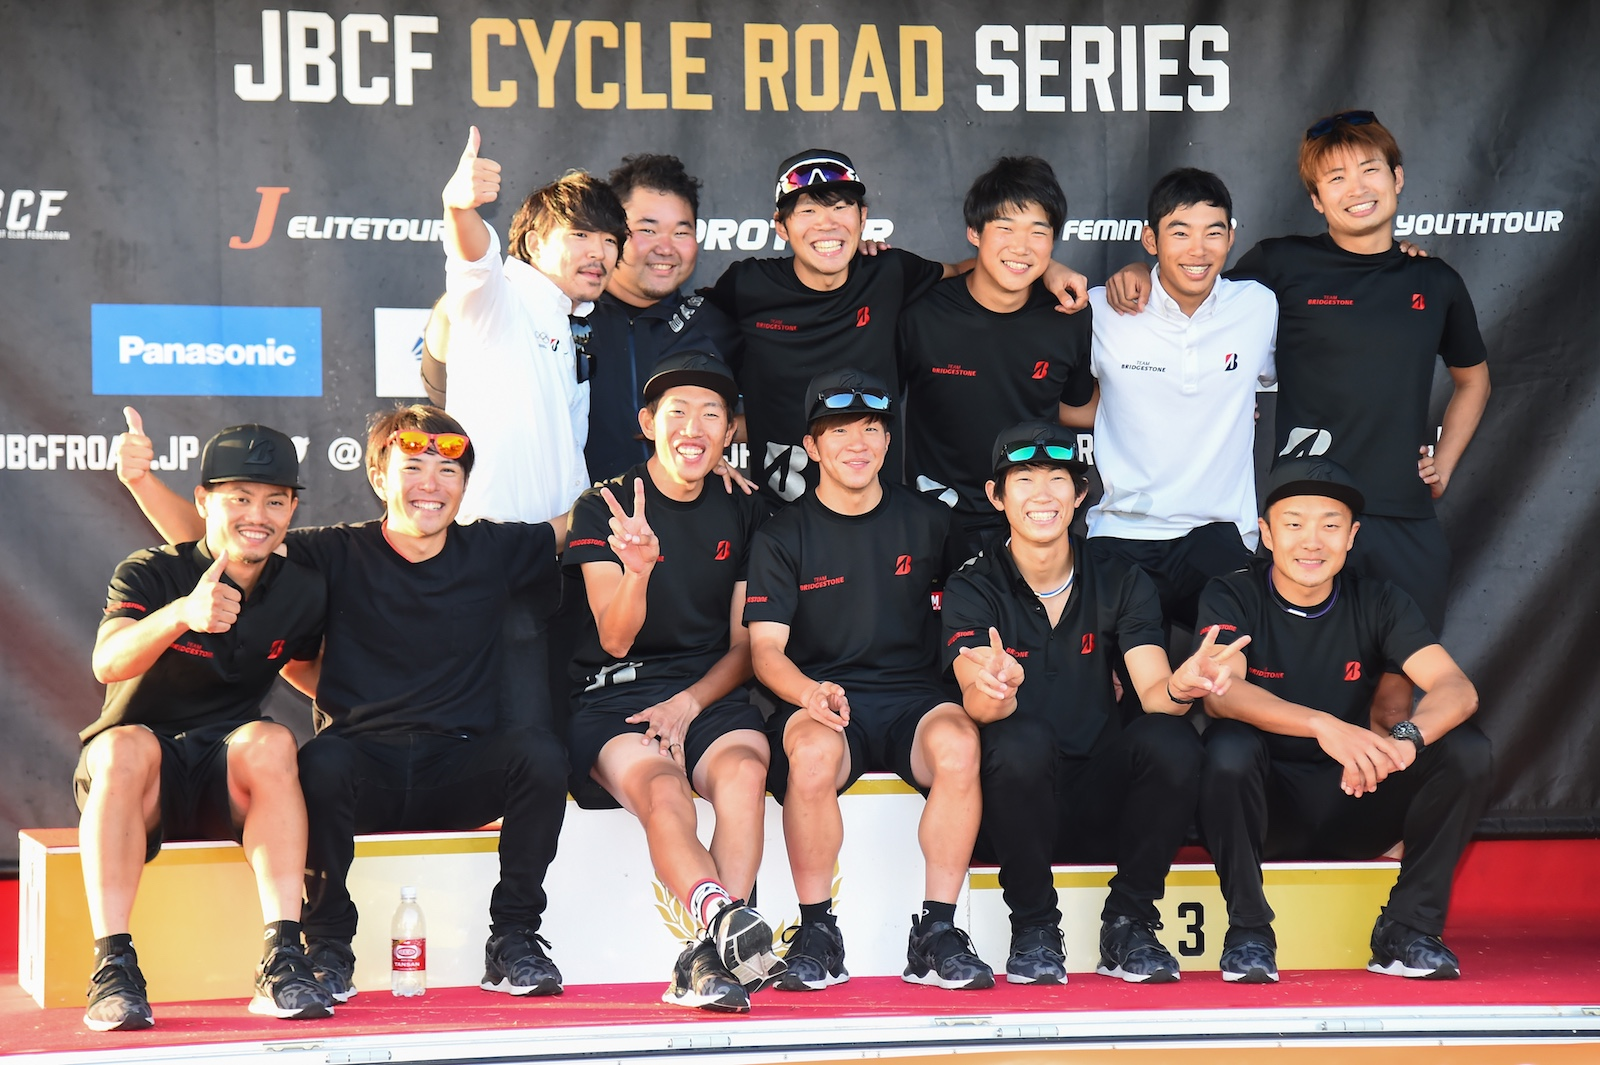 【2019年ハイライトBGT】ロードレース:重ねてきた勝利とブリヂストン選手の成長